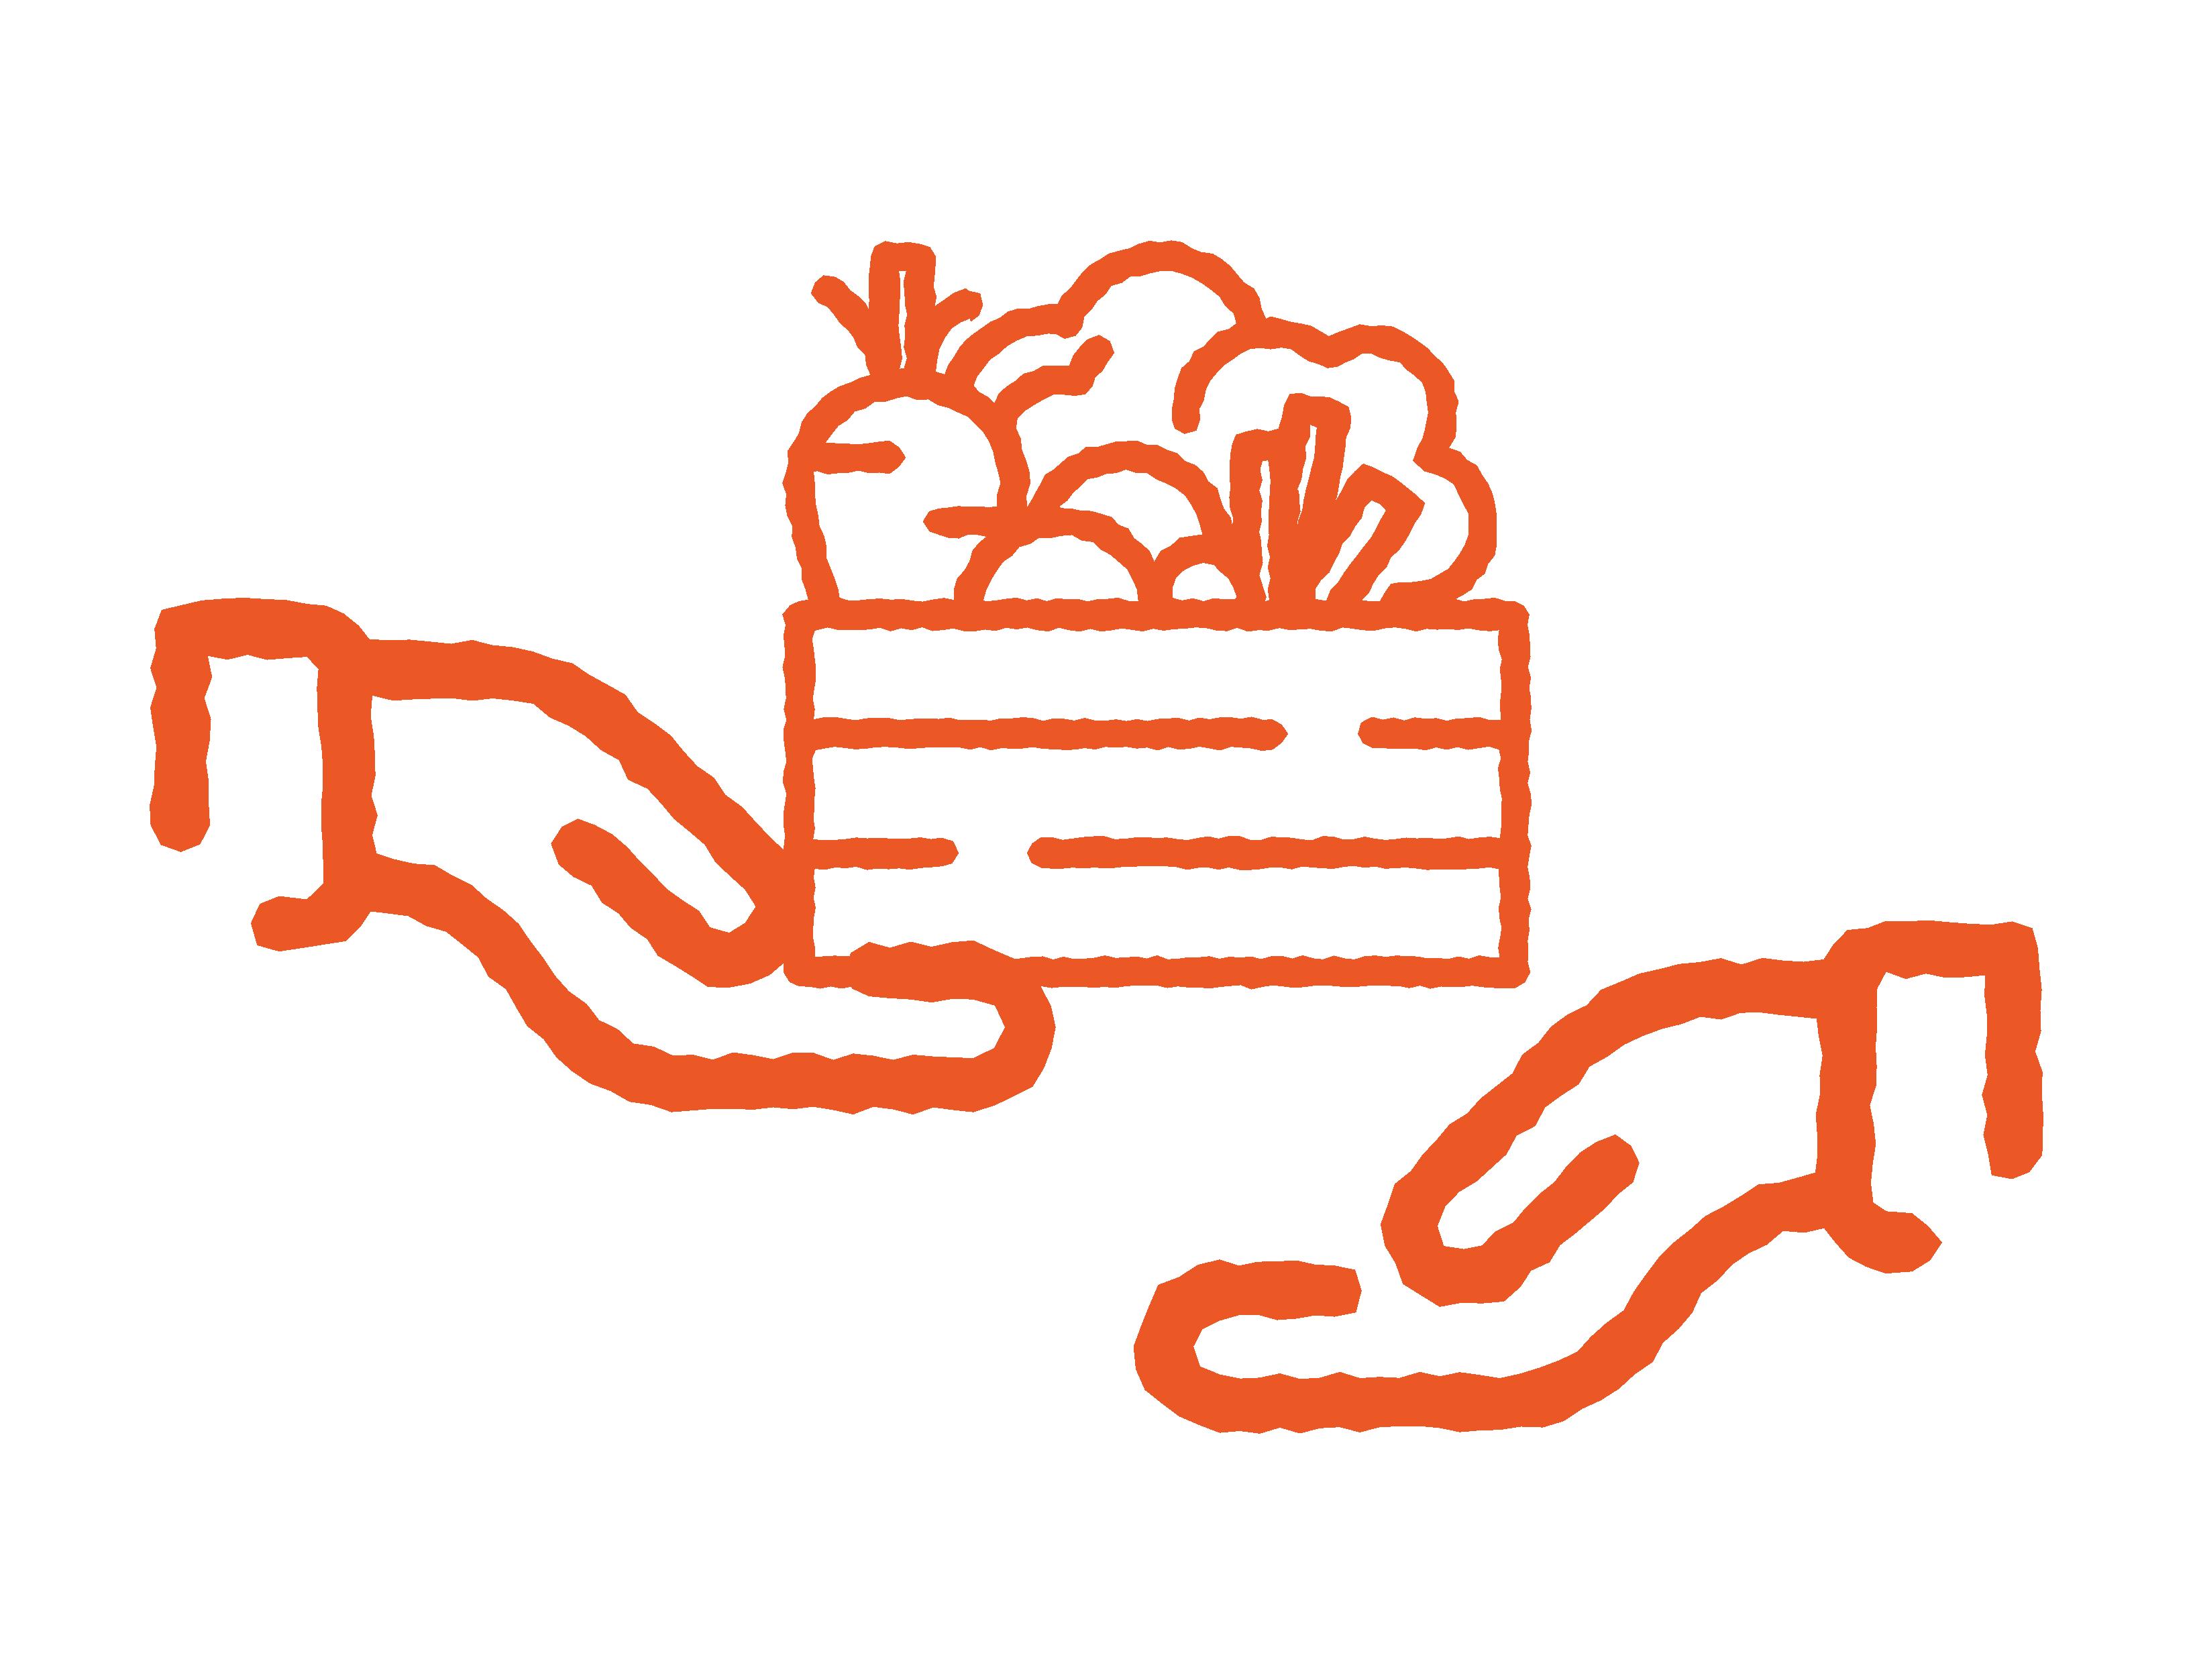 Dark Orange donation